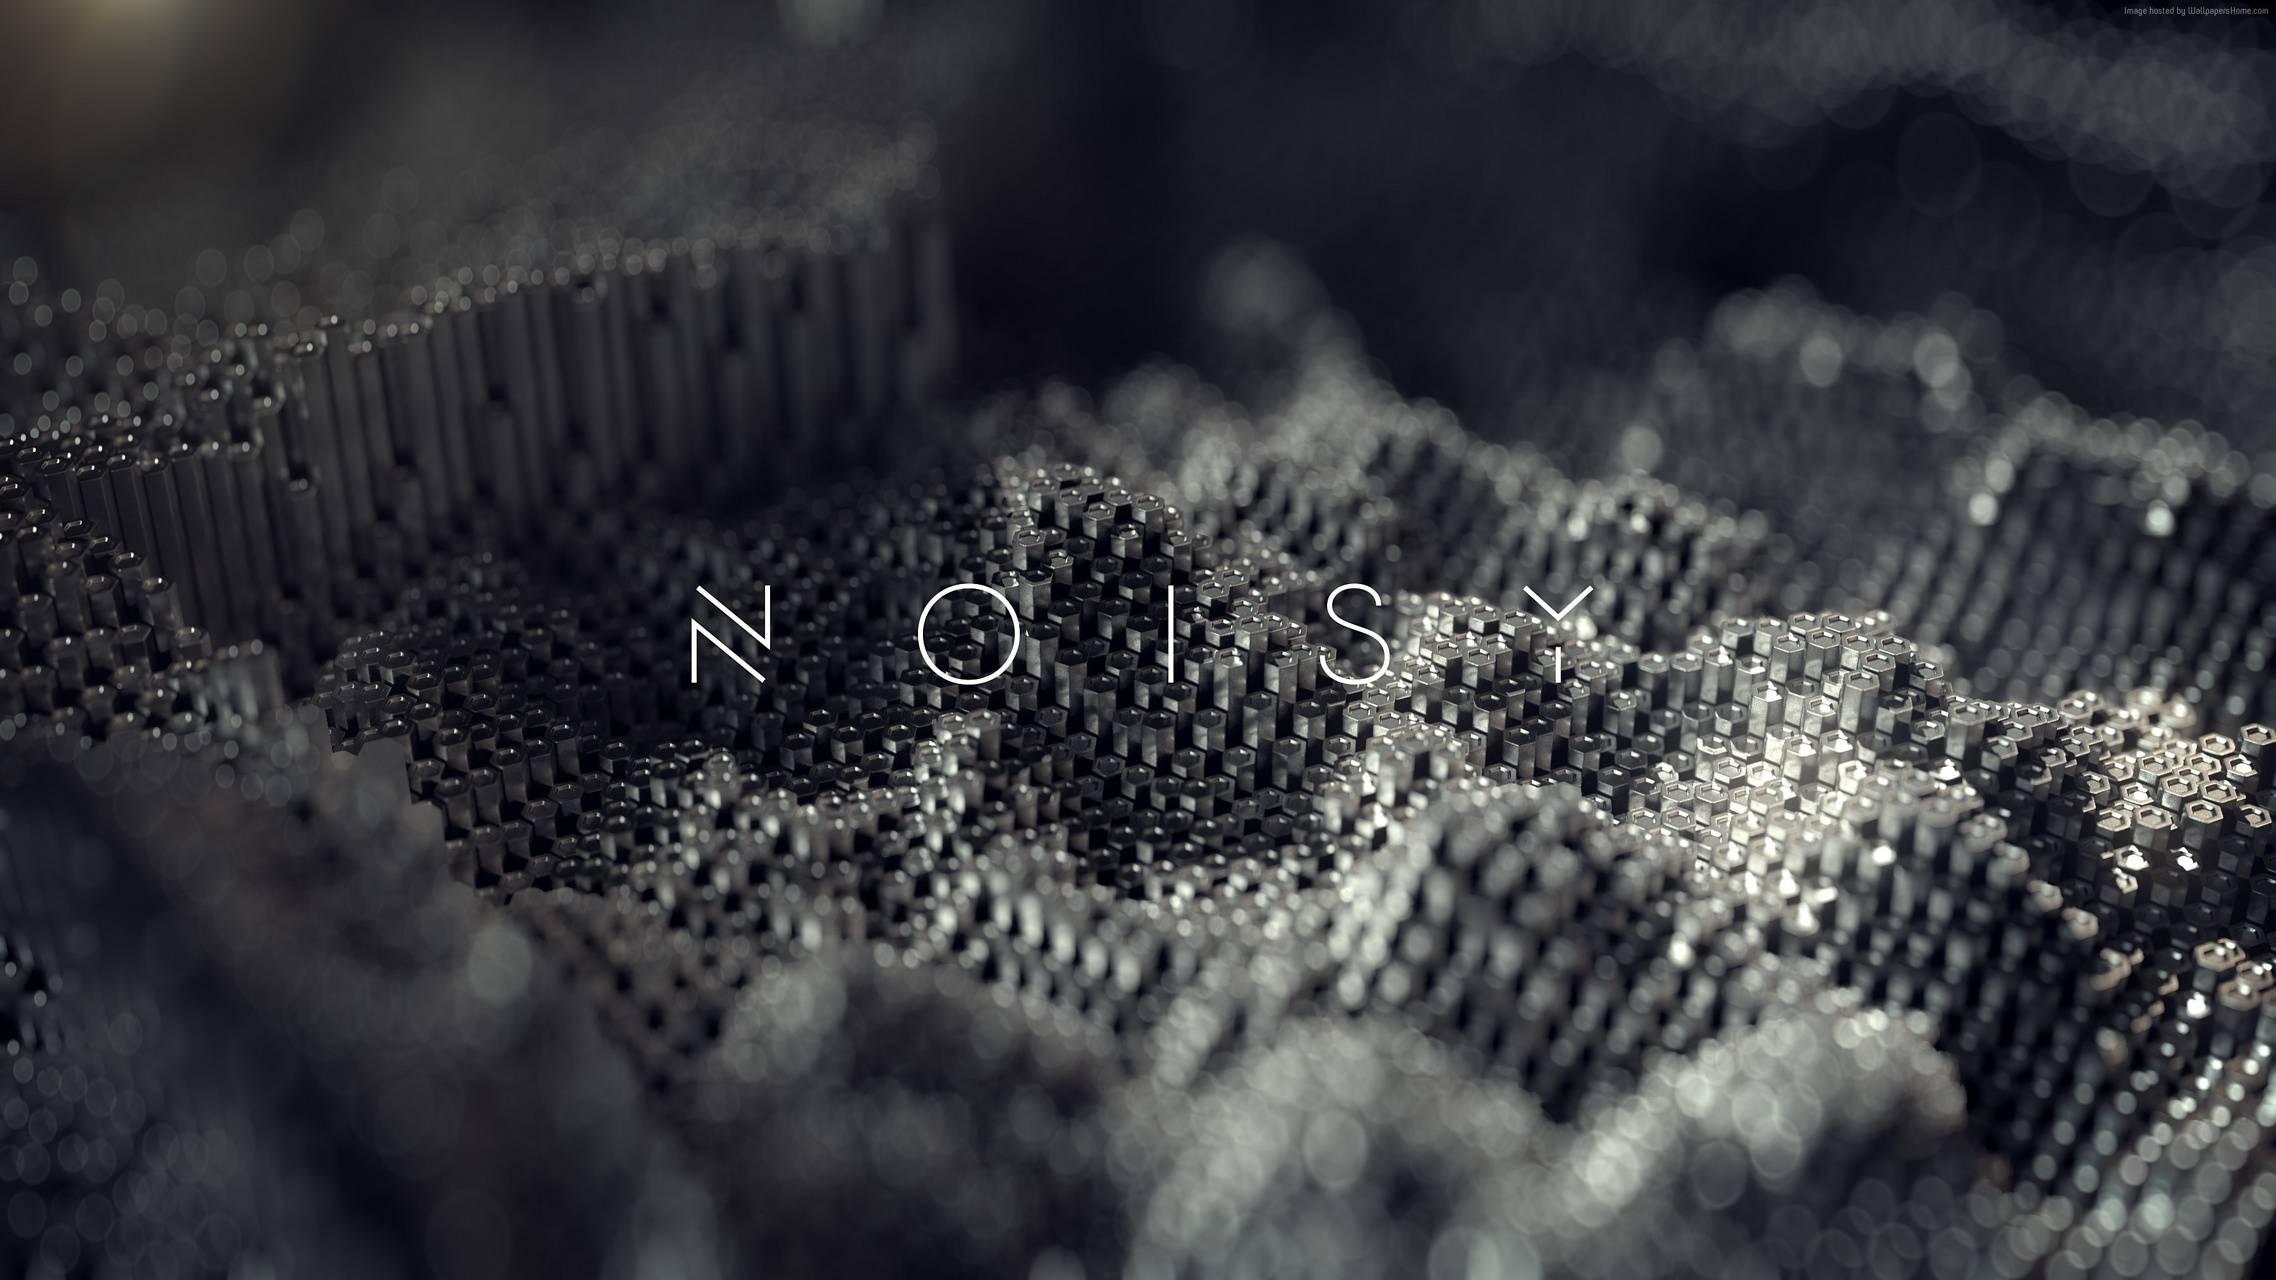 noisy